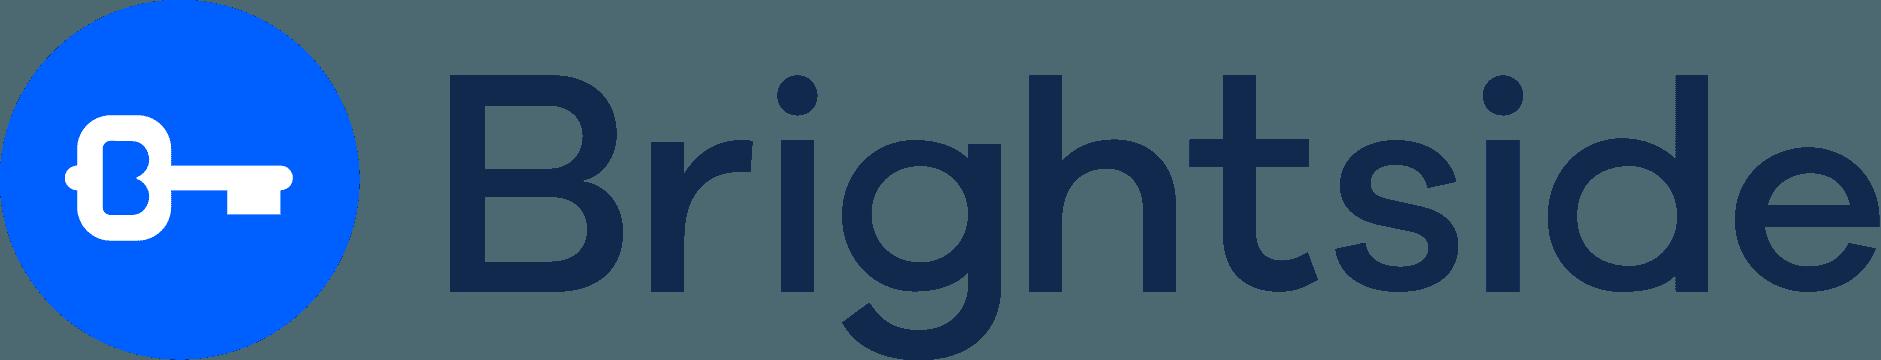 gobrightside logo